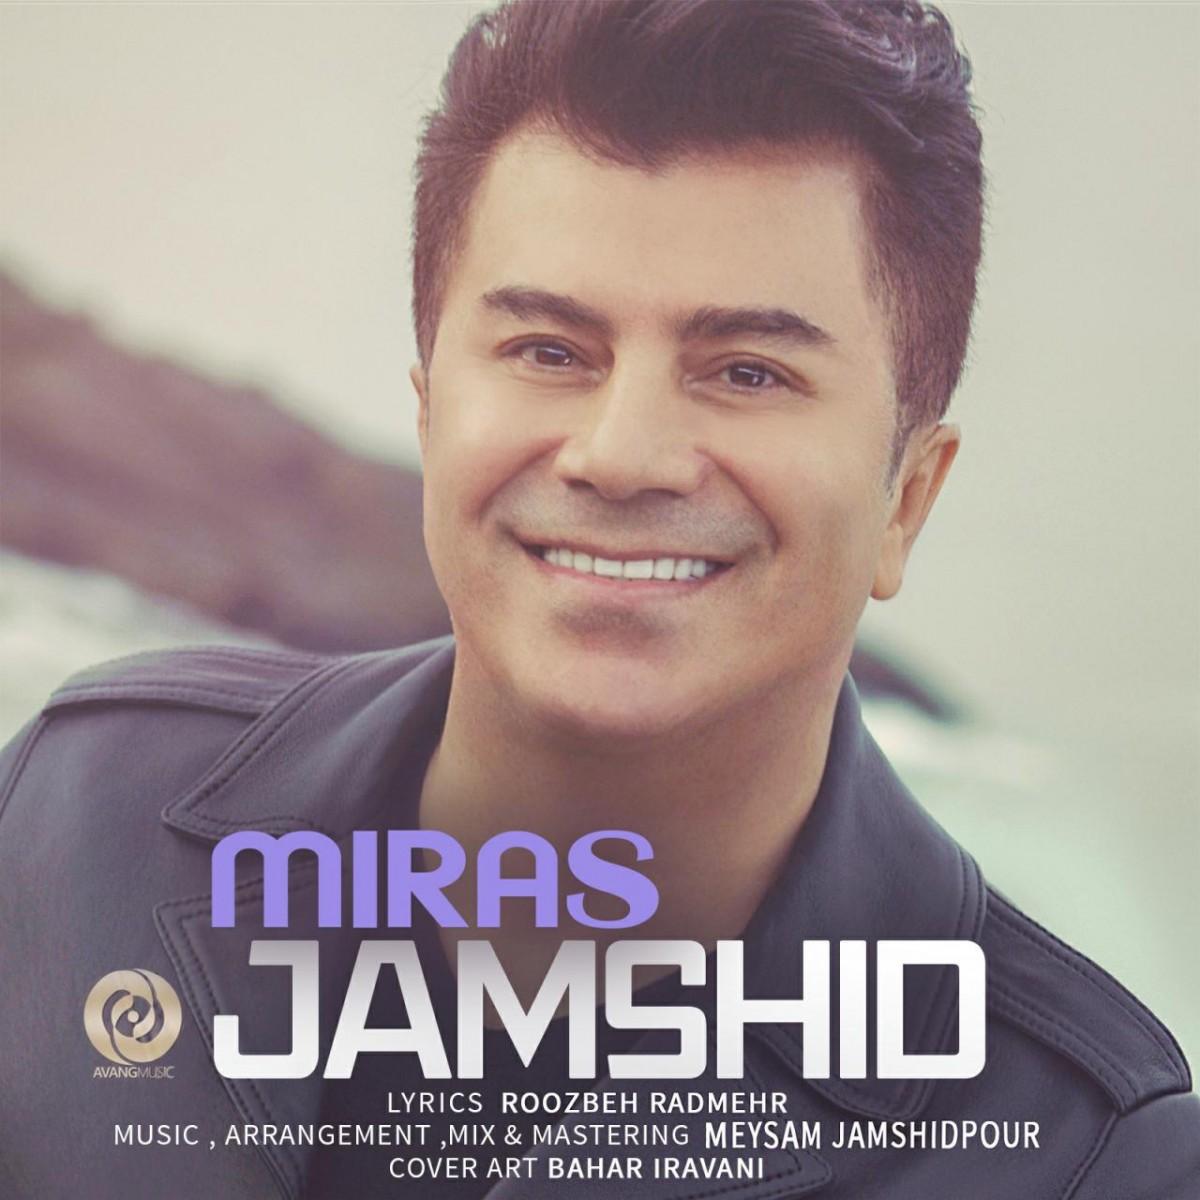 نامبر وان موزیک | دانلود آهنگ جدید Jamshid-Miras